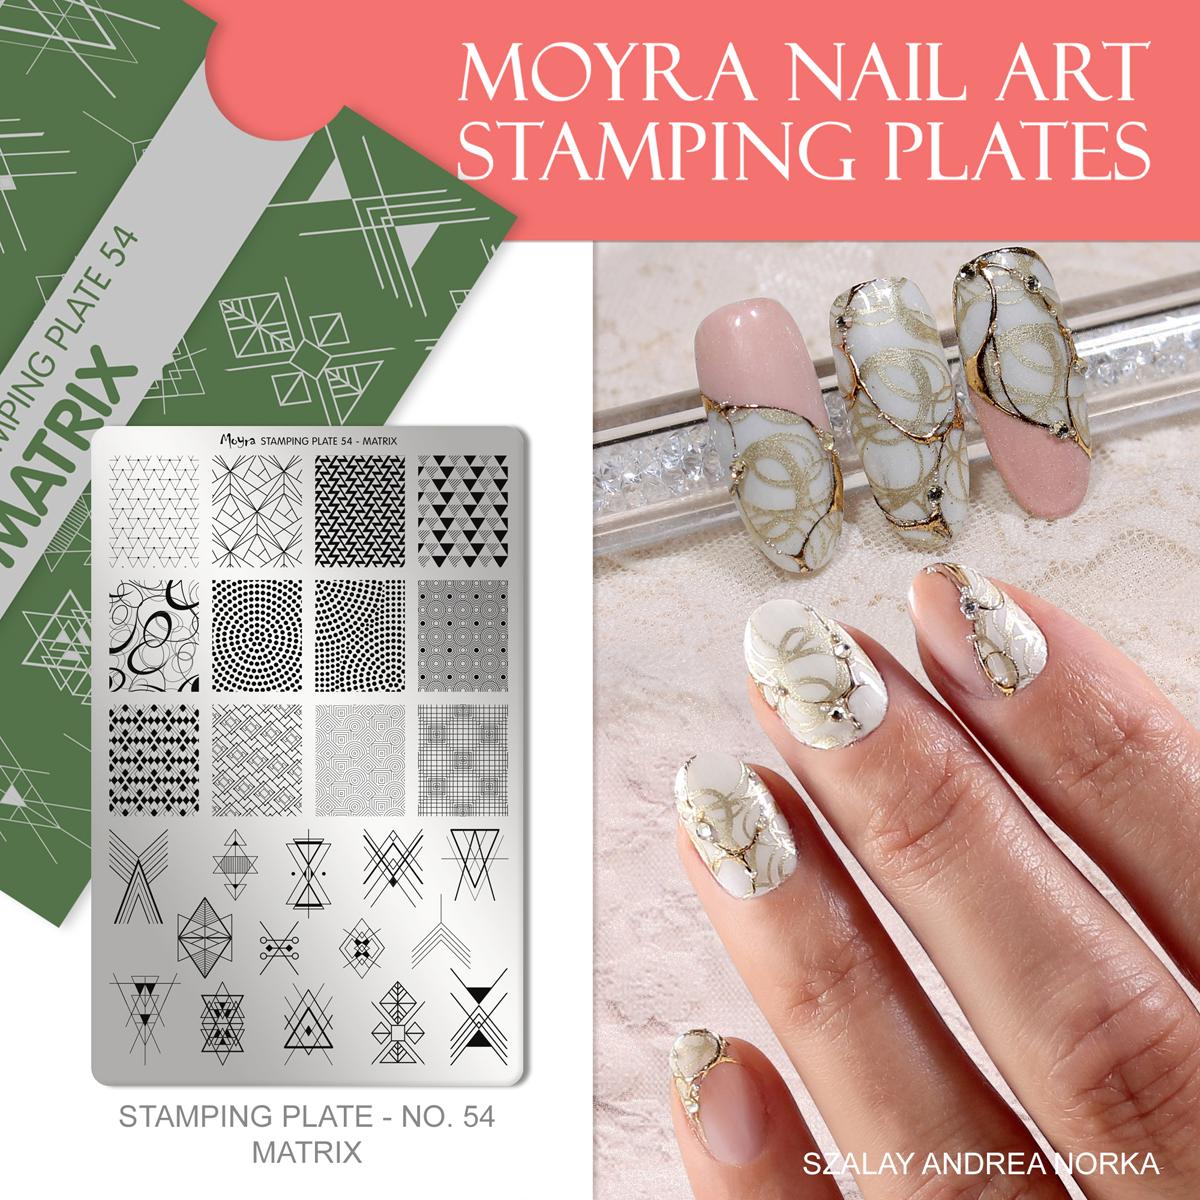 Moyra Nail Art Stamping Plate No. 54 Matrix